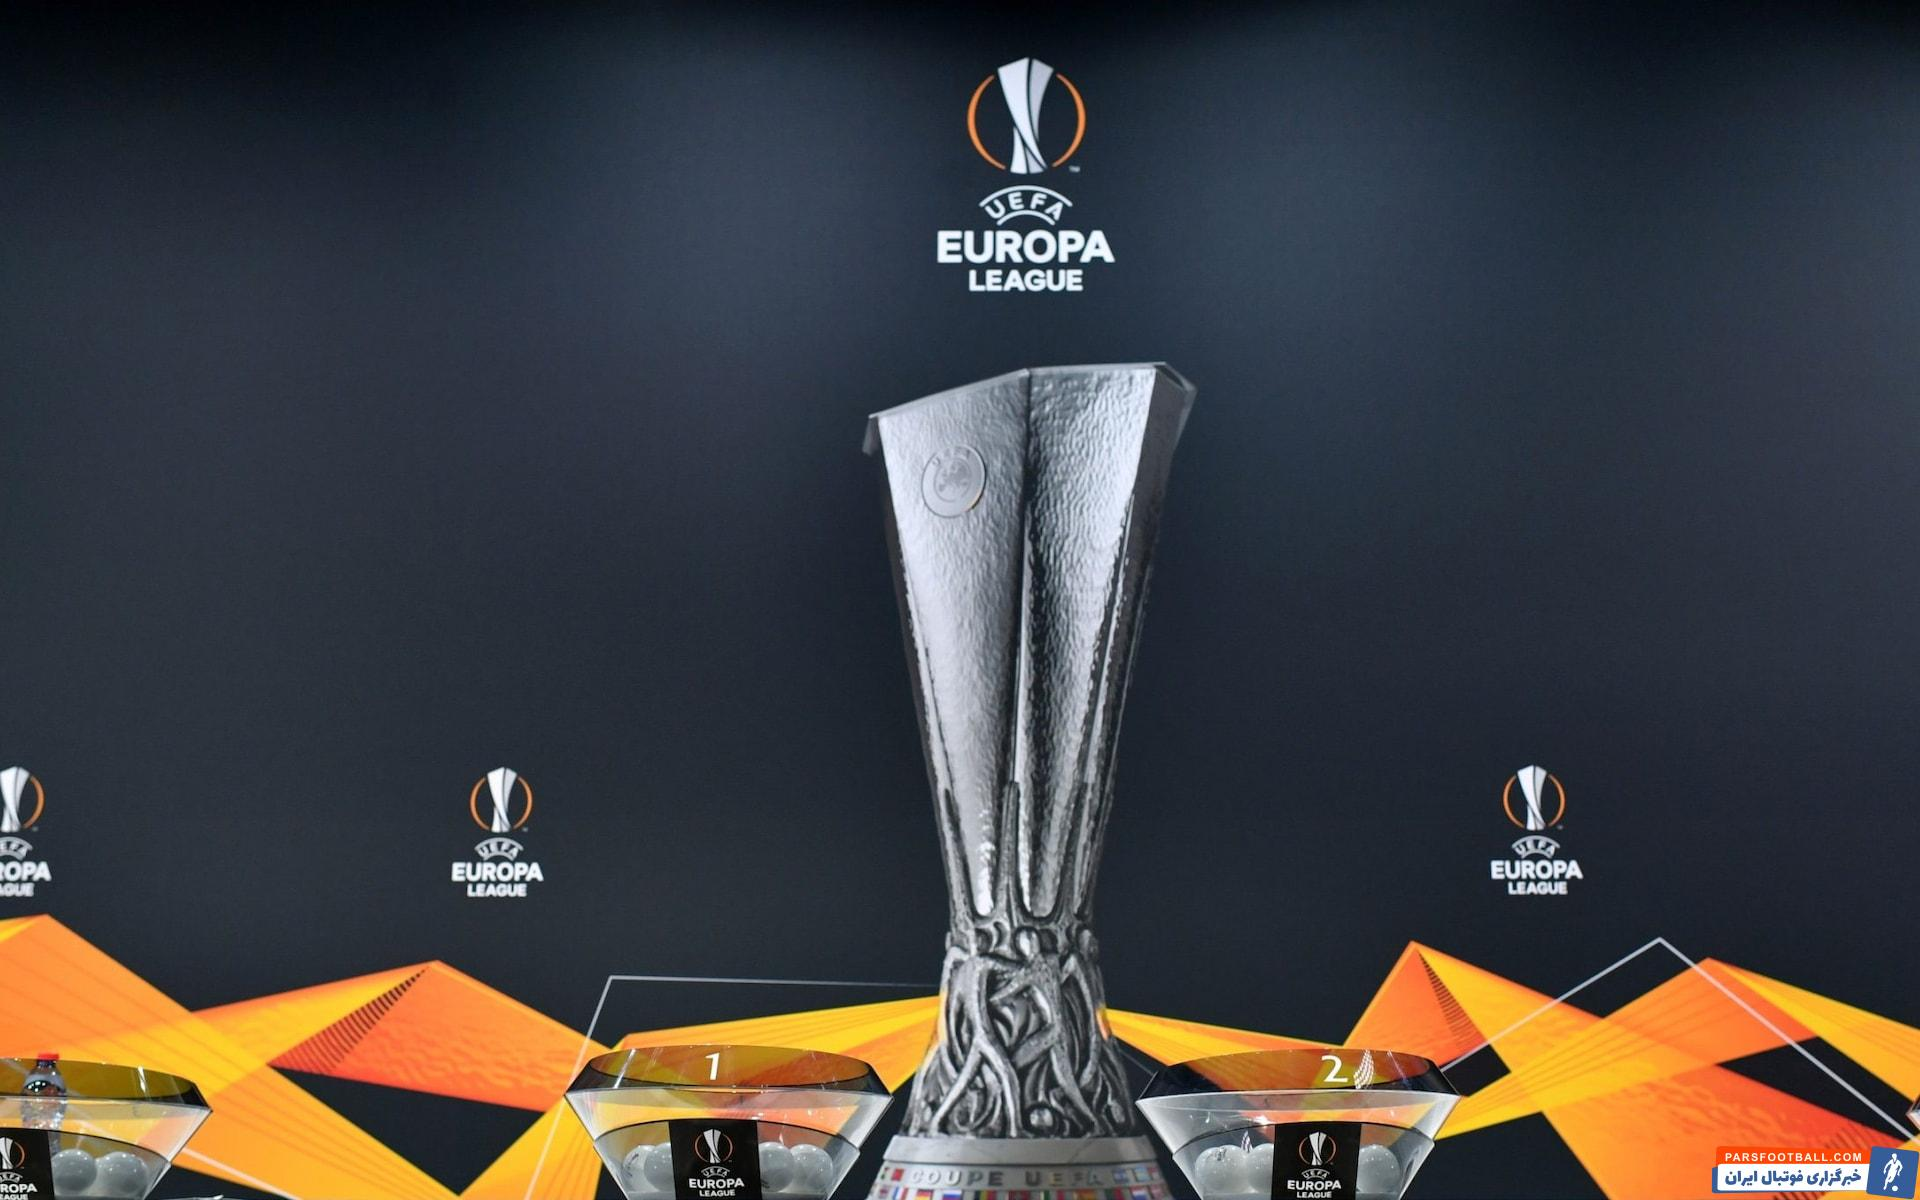 قرعه کشی لیگ اروپا 2021 و تقابل علیرضا بیرانوند با تاتنهام